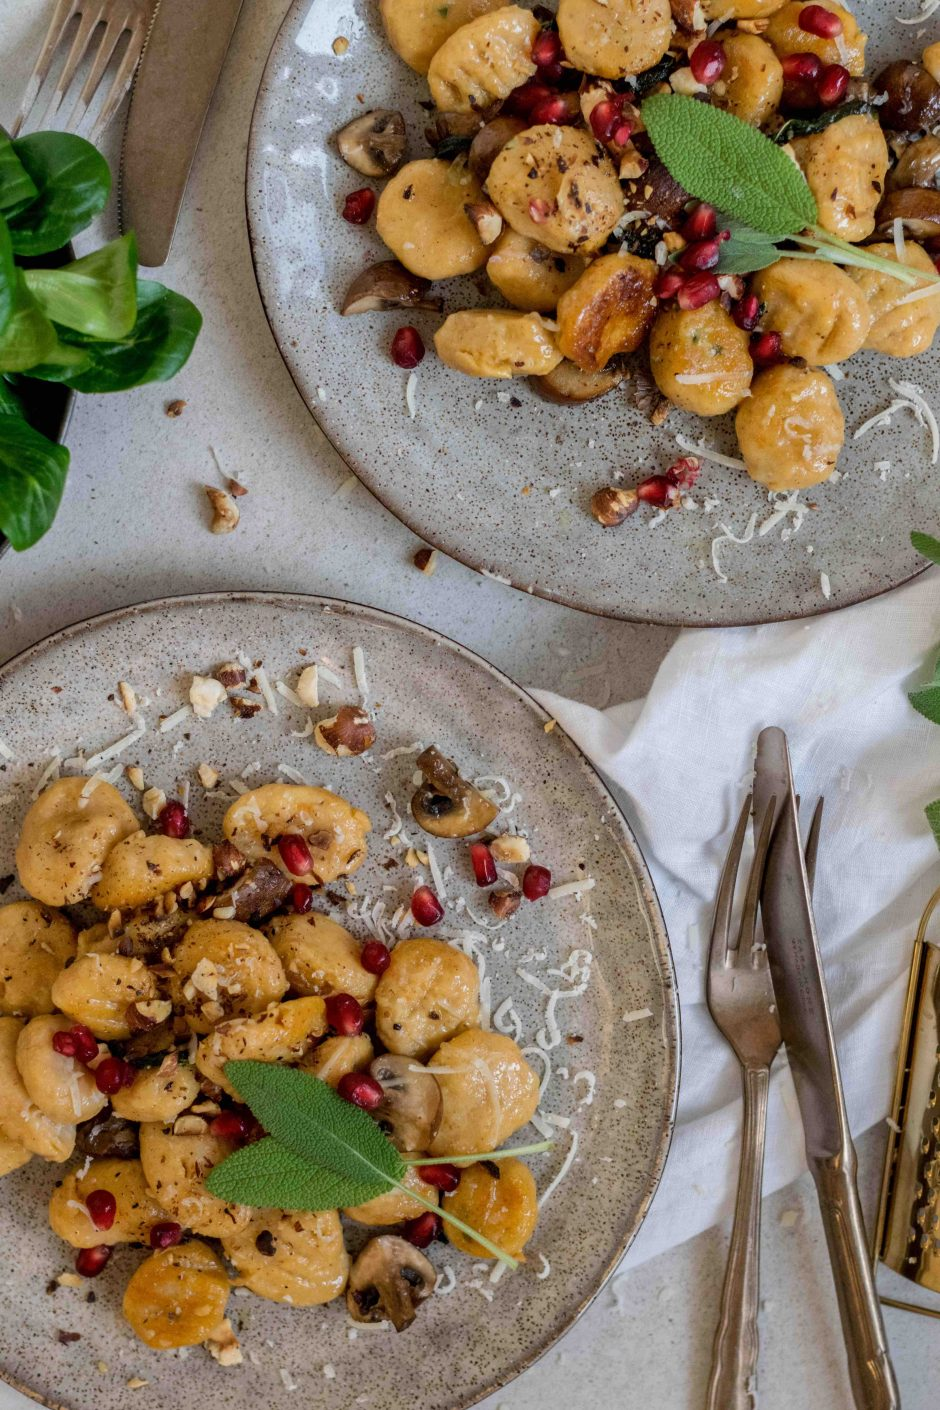 Mandel-Süßkartoffel-Gnocchi mit Salbei und Champignon